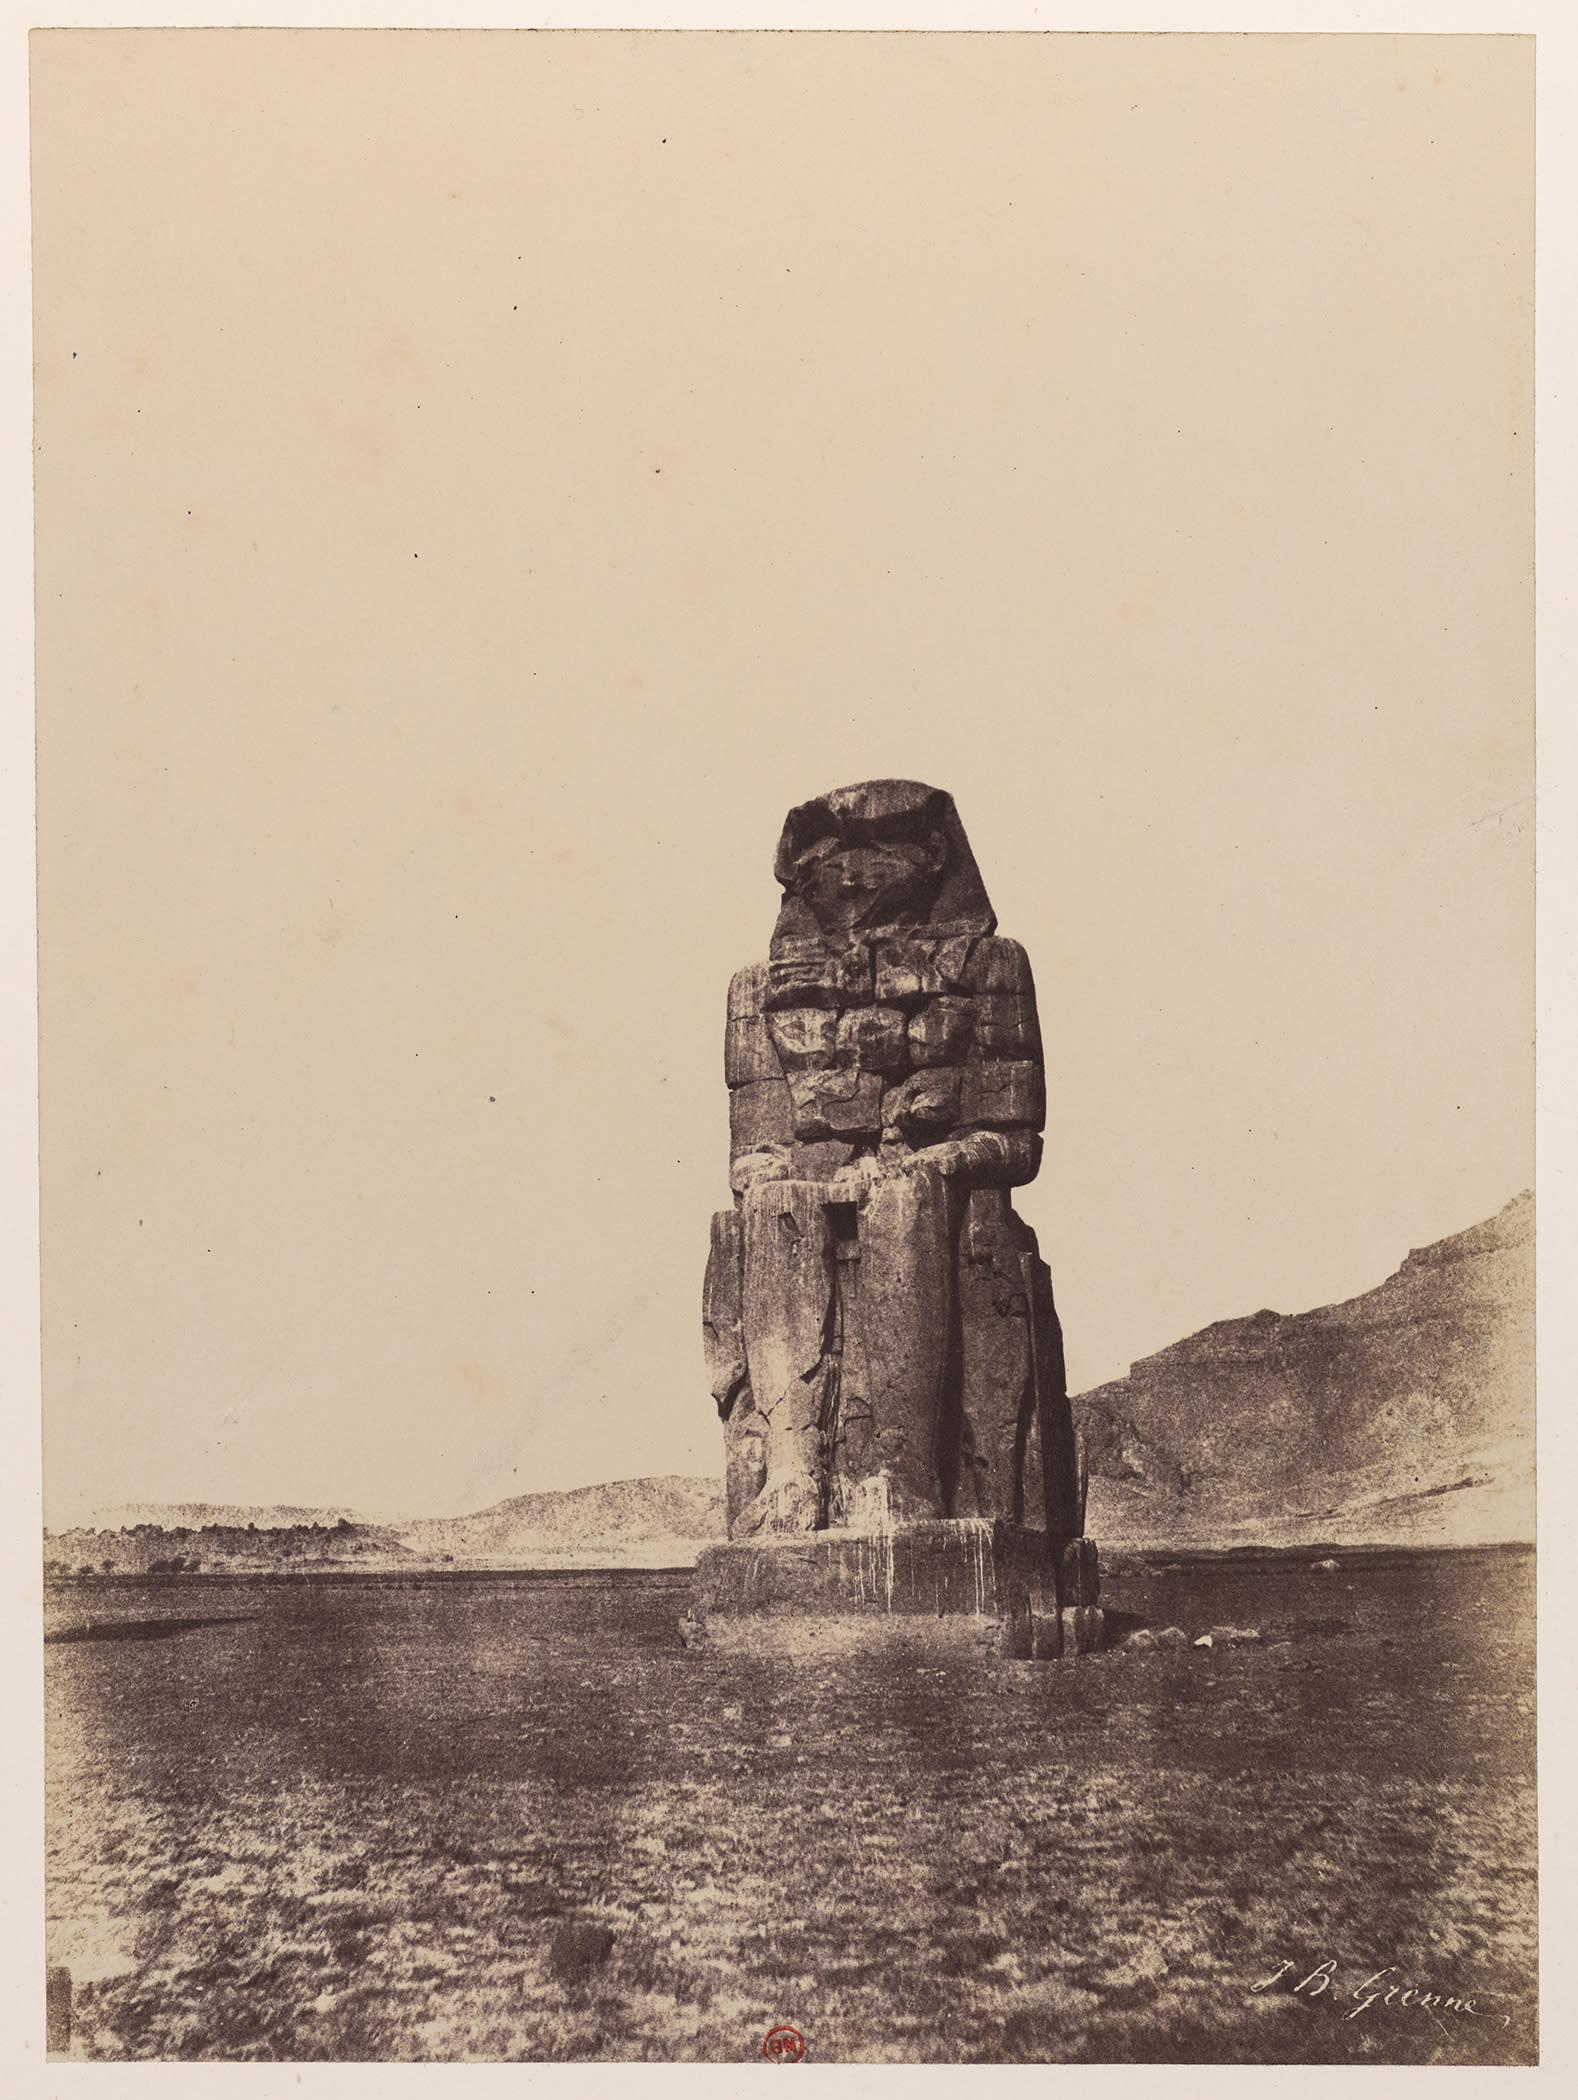 كيف بدت مصر عبر عيون واحد من أول المصورين الذين زاروها؟